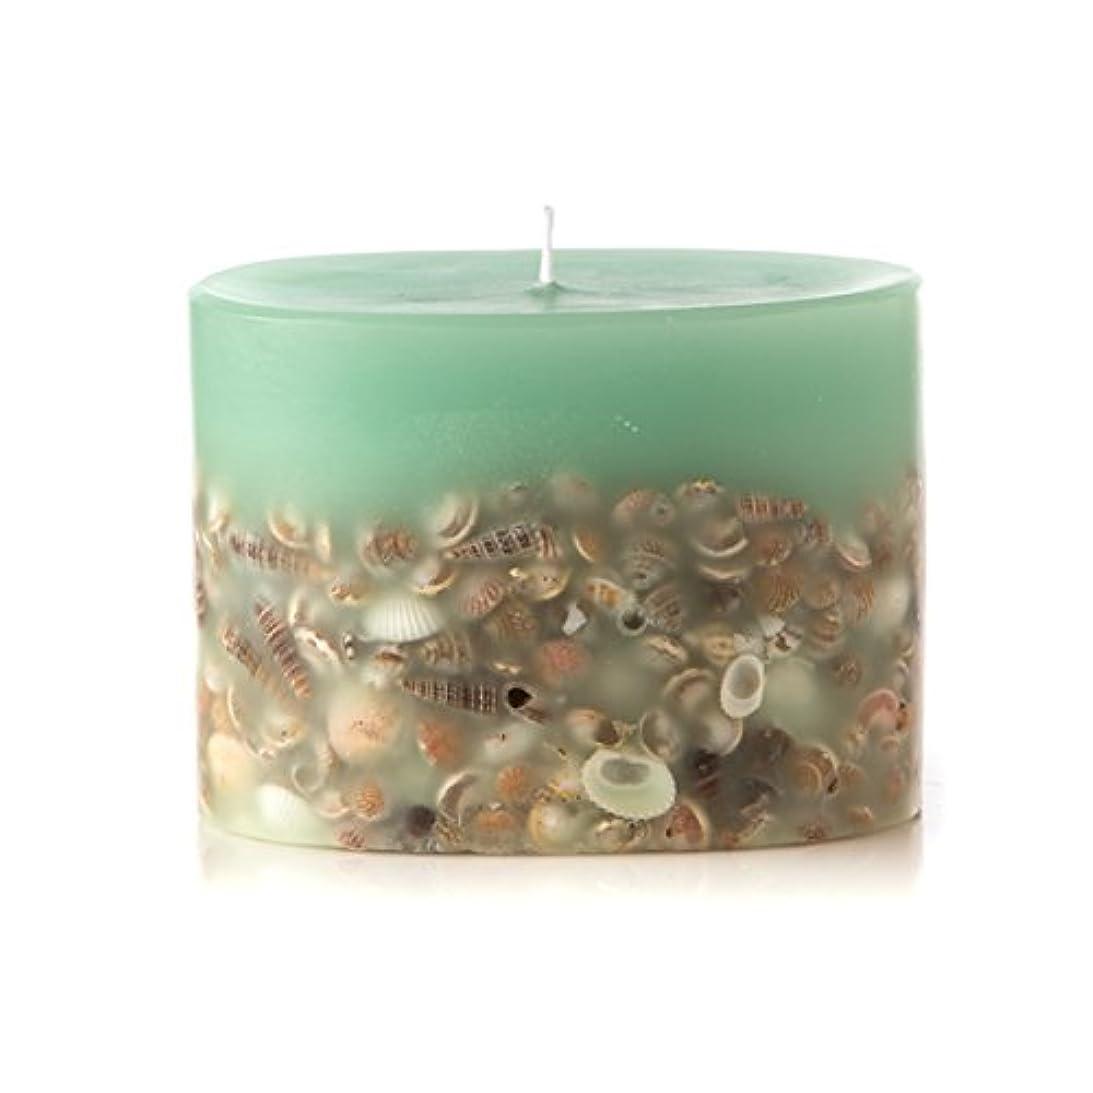 アーティスト読むラブロージーリングス プティボタニカルキャンドル シーグラス ROSY RINGS Petite Oval Botanical Candle Sea Glass